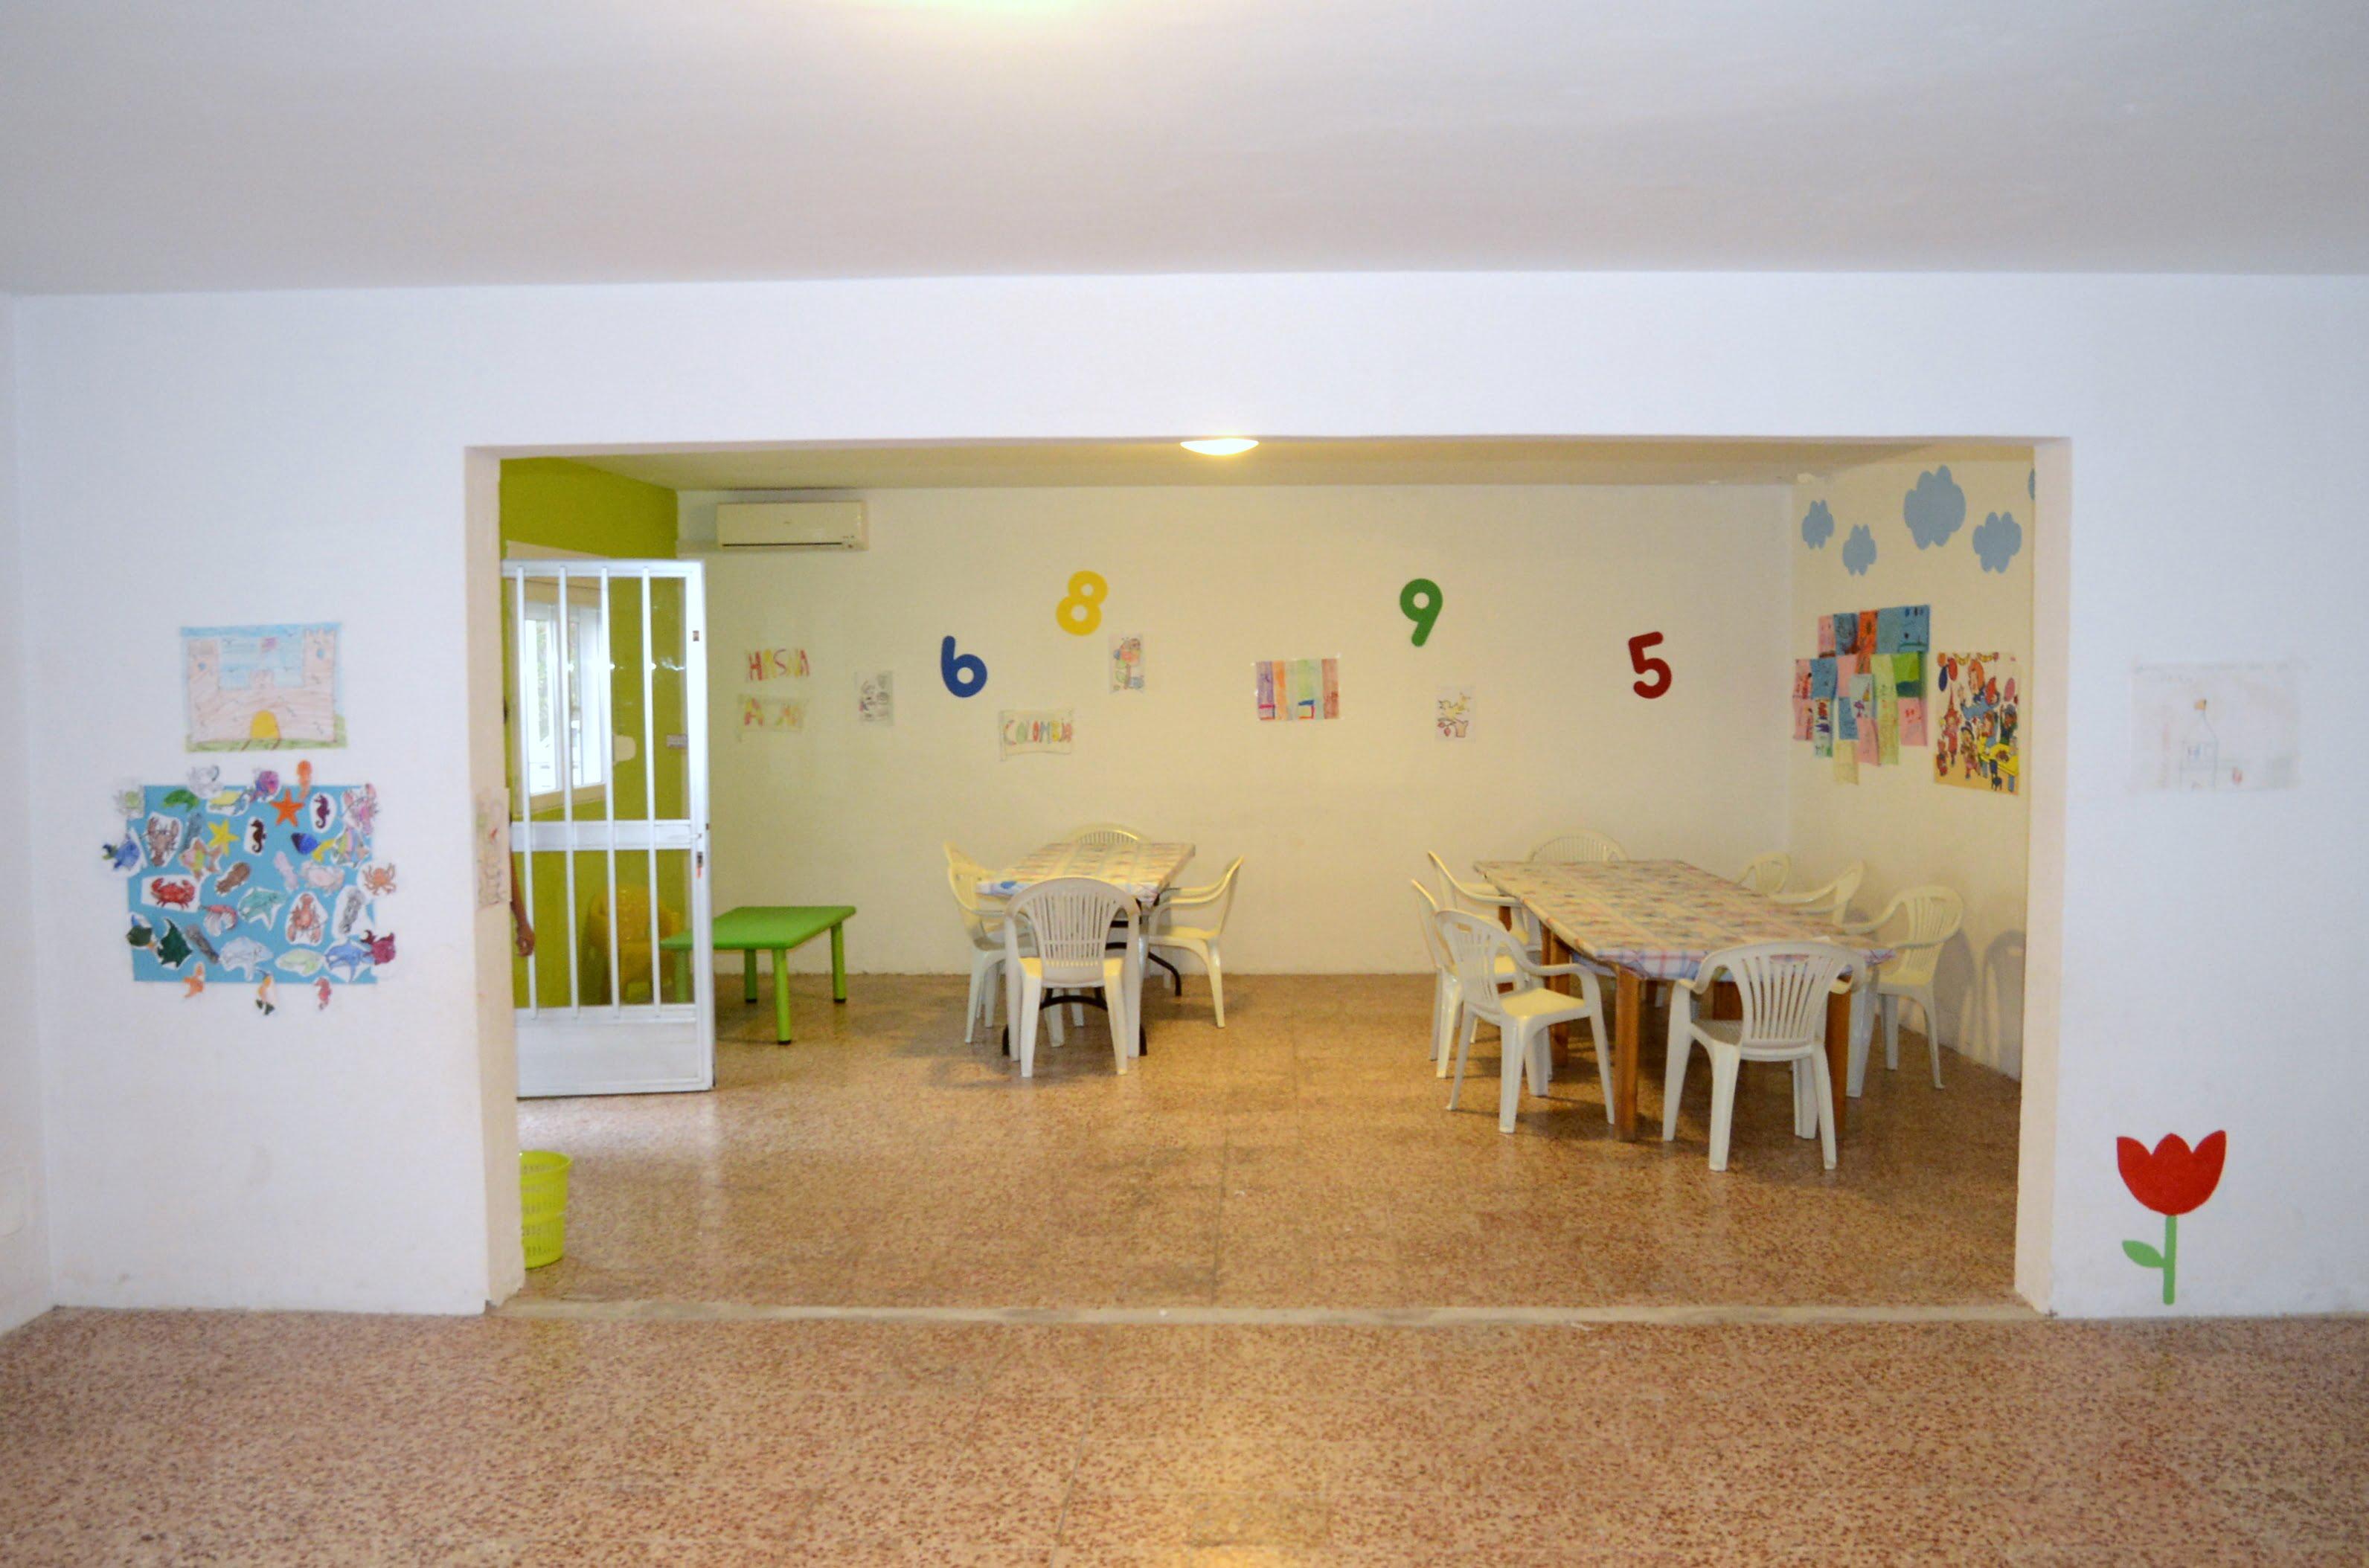 Escoleta El Castelles Aula per a nens de 3 a 6 anys